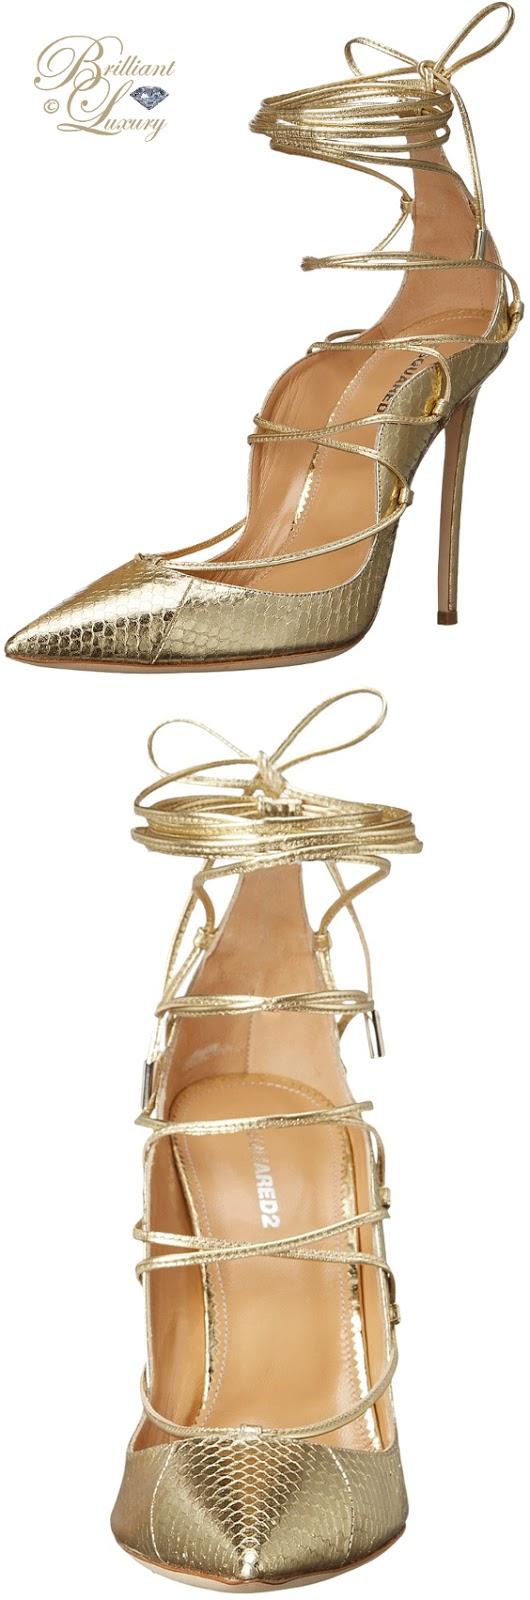 Brilliant Luxury ♦ Dsquared2 golden Riri strappy sandals